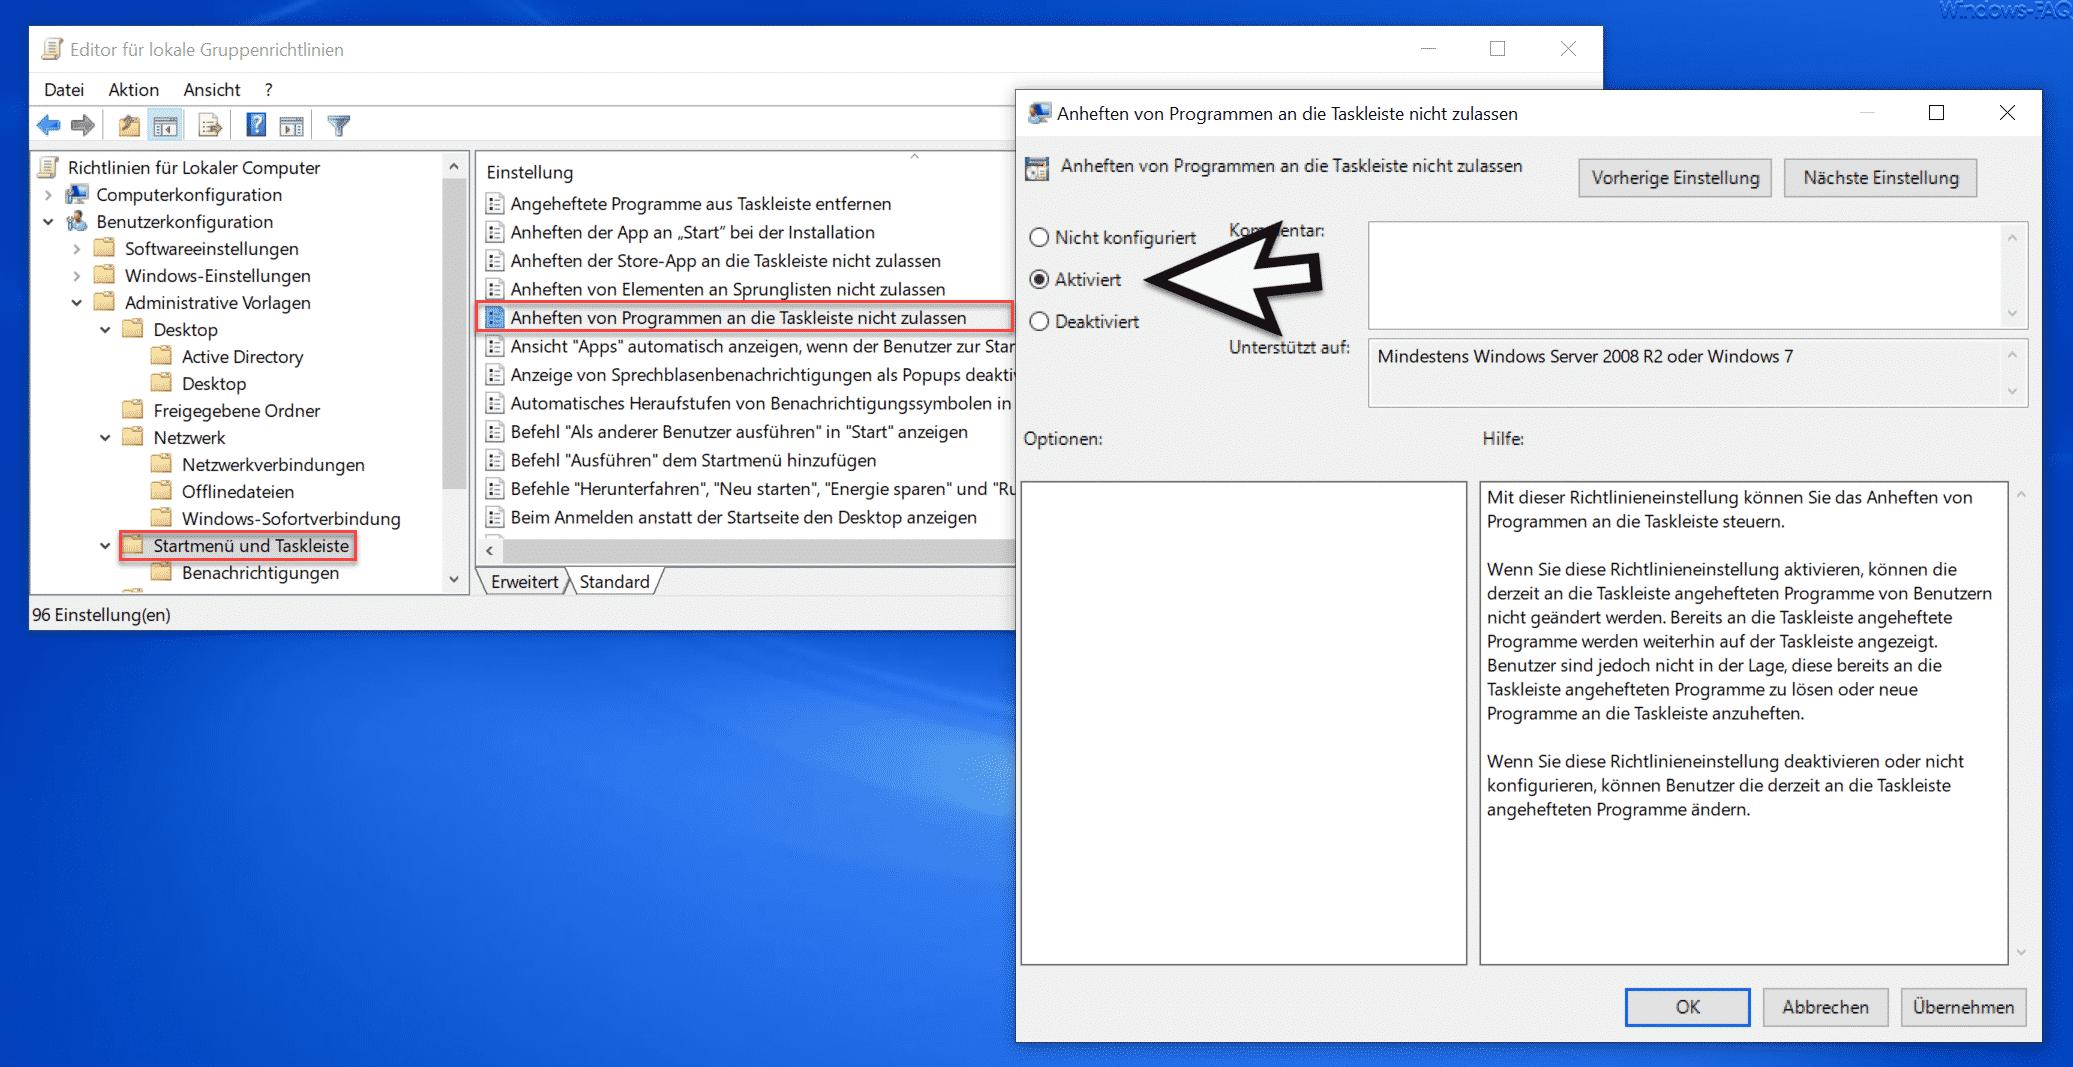 Anheften von Programmen an die Taskleiste nicht zulassen